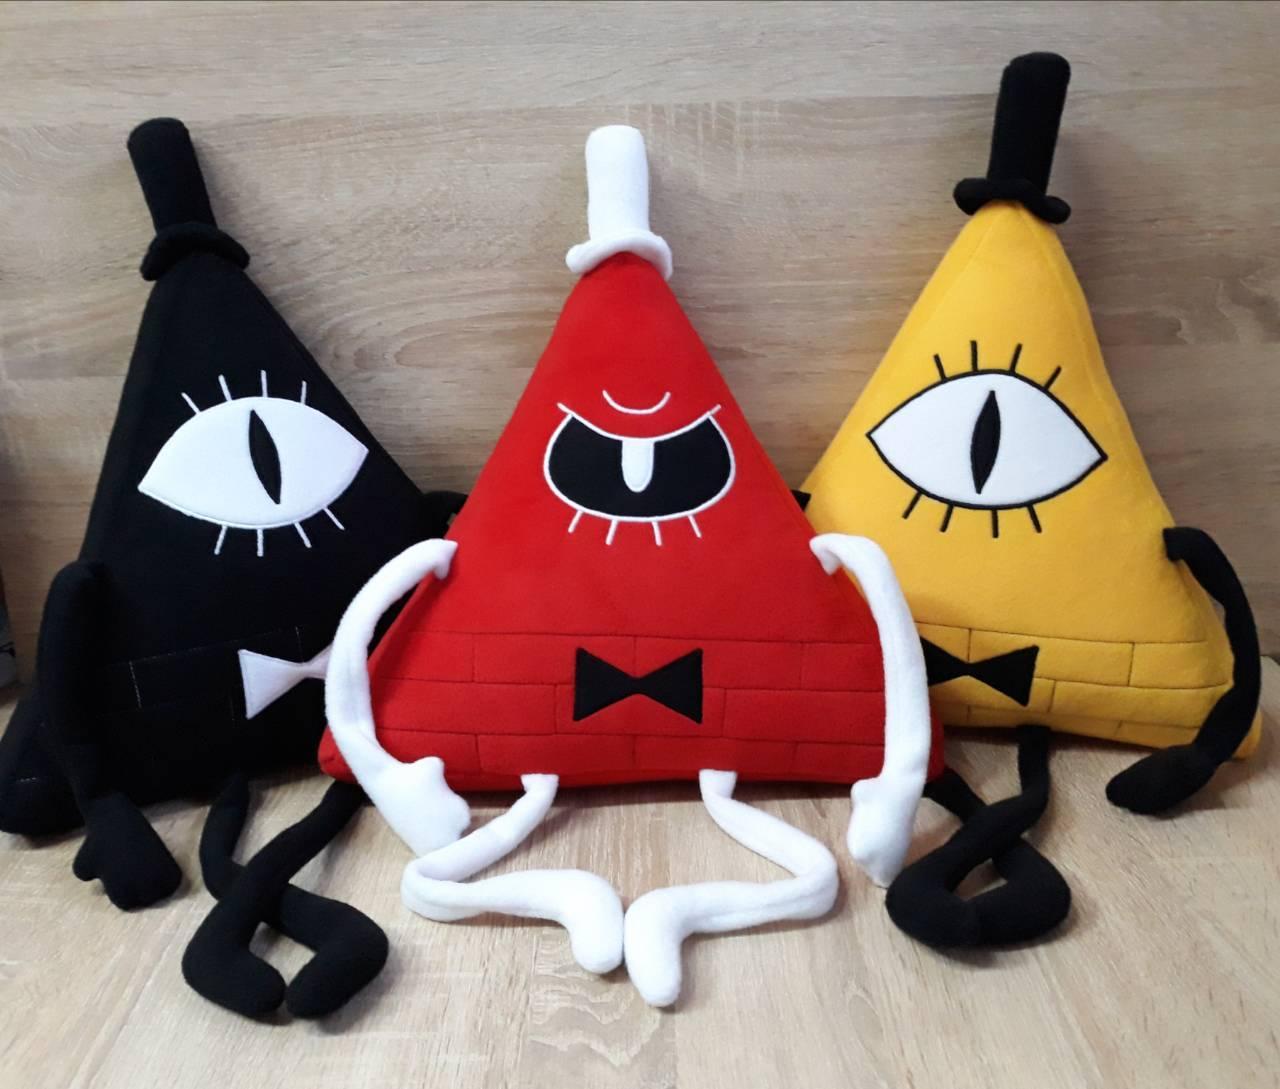 Мягкая игрушка - подушка Билл Шифр из Гравити Фолз, ручная работа